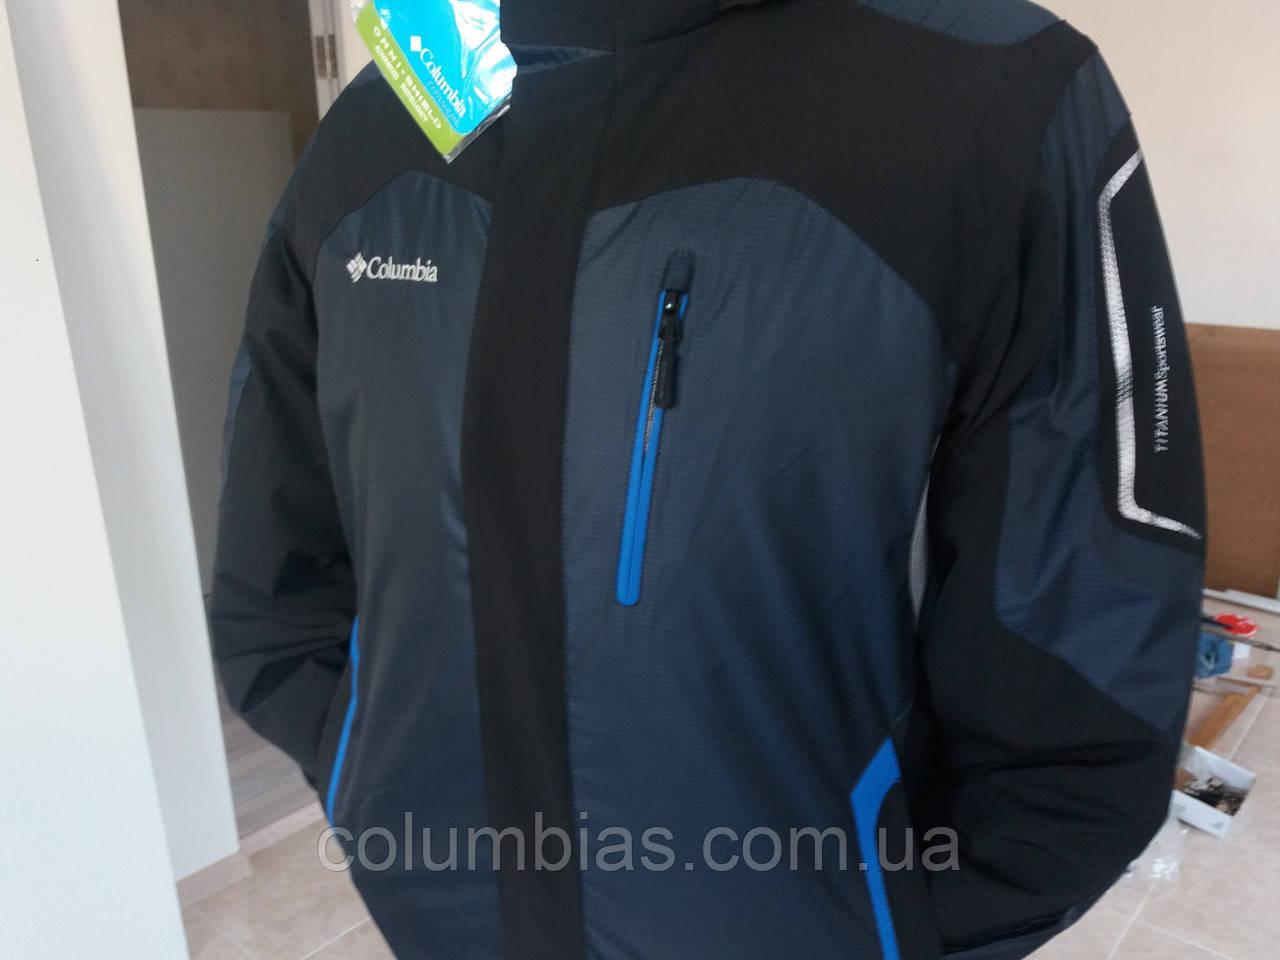 Куртки Каламбия